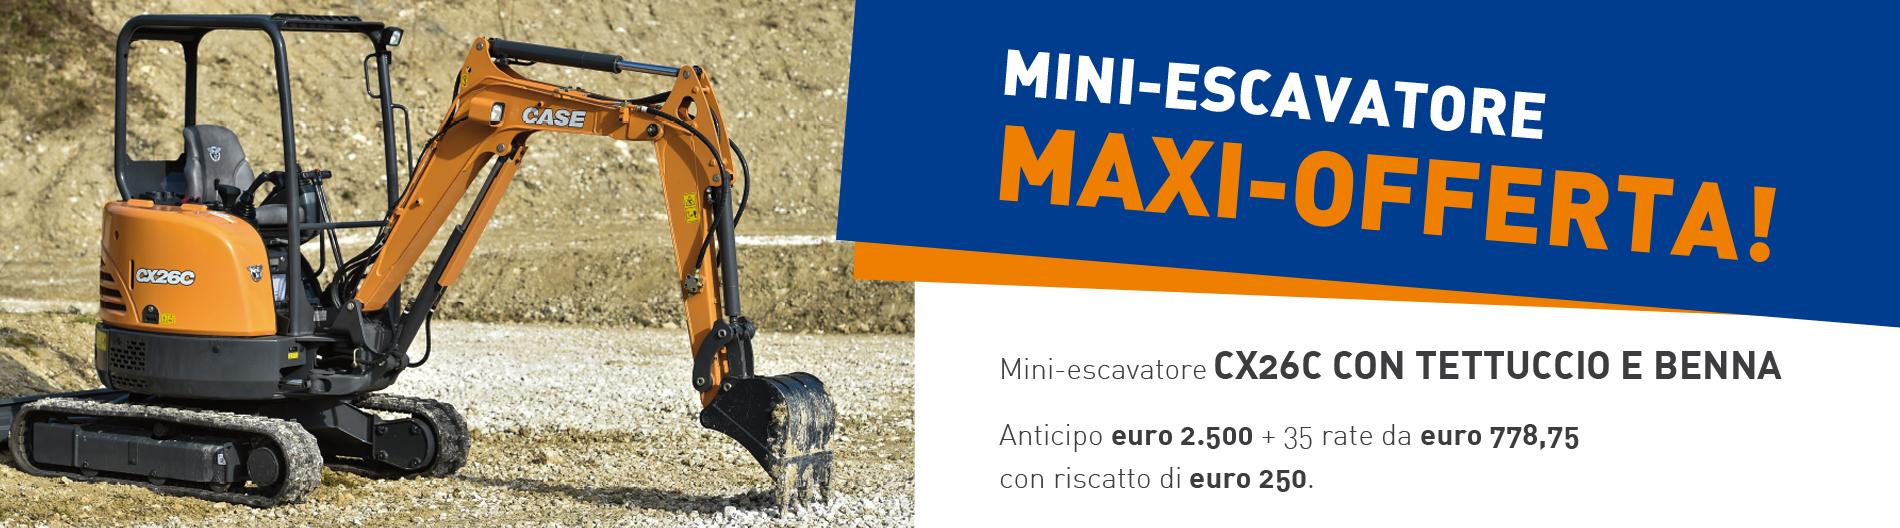 Maxi Offerta su CX 26 C con tettuccio e benna